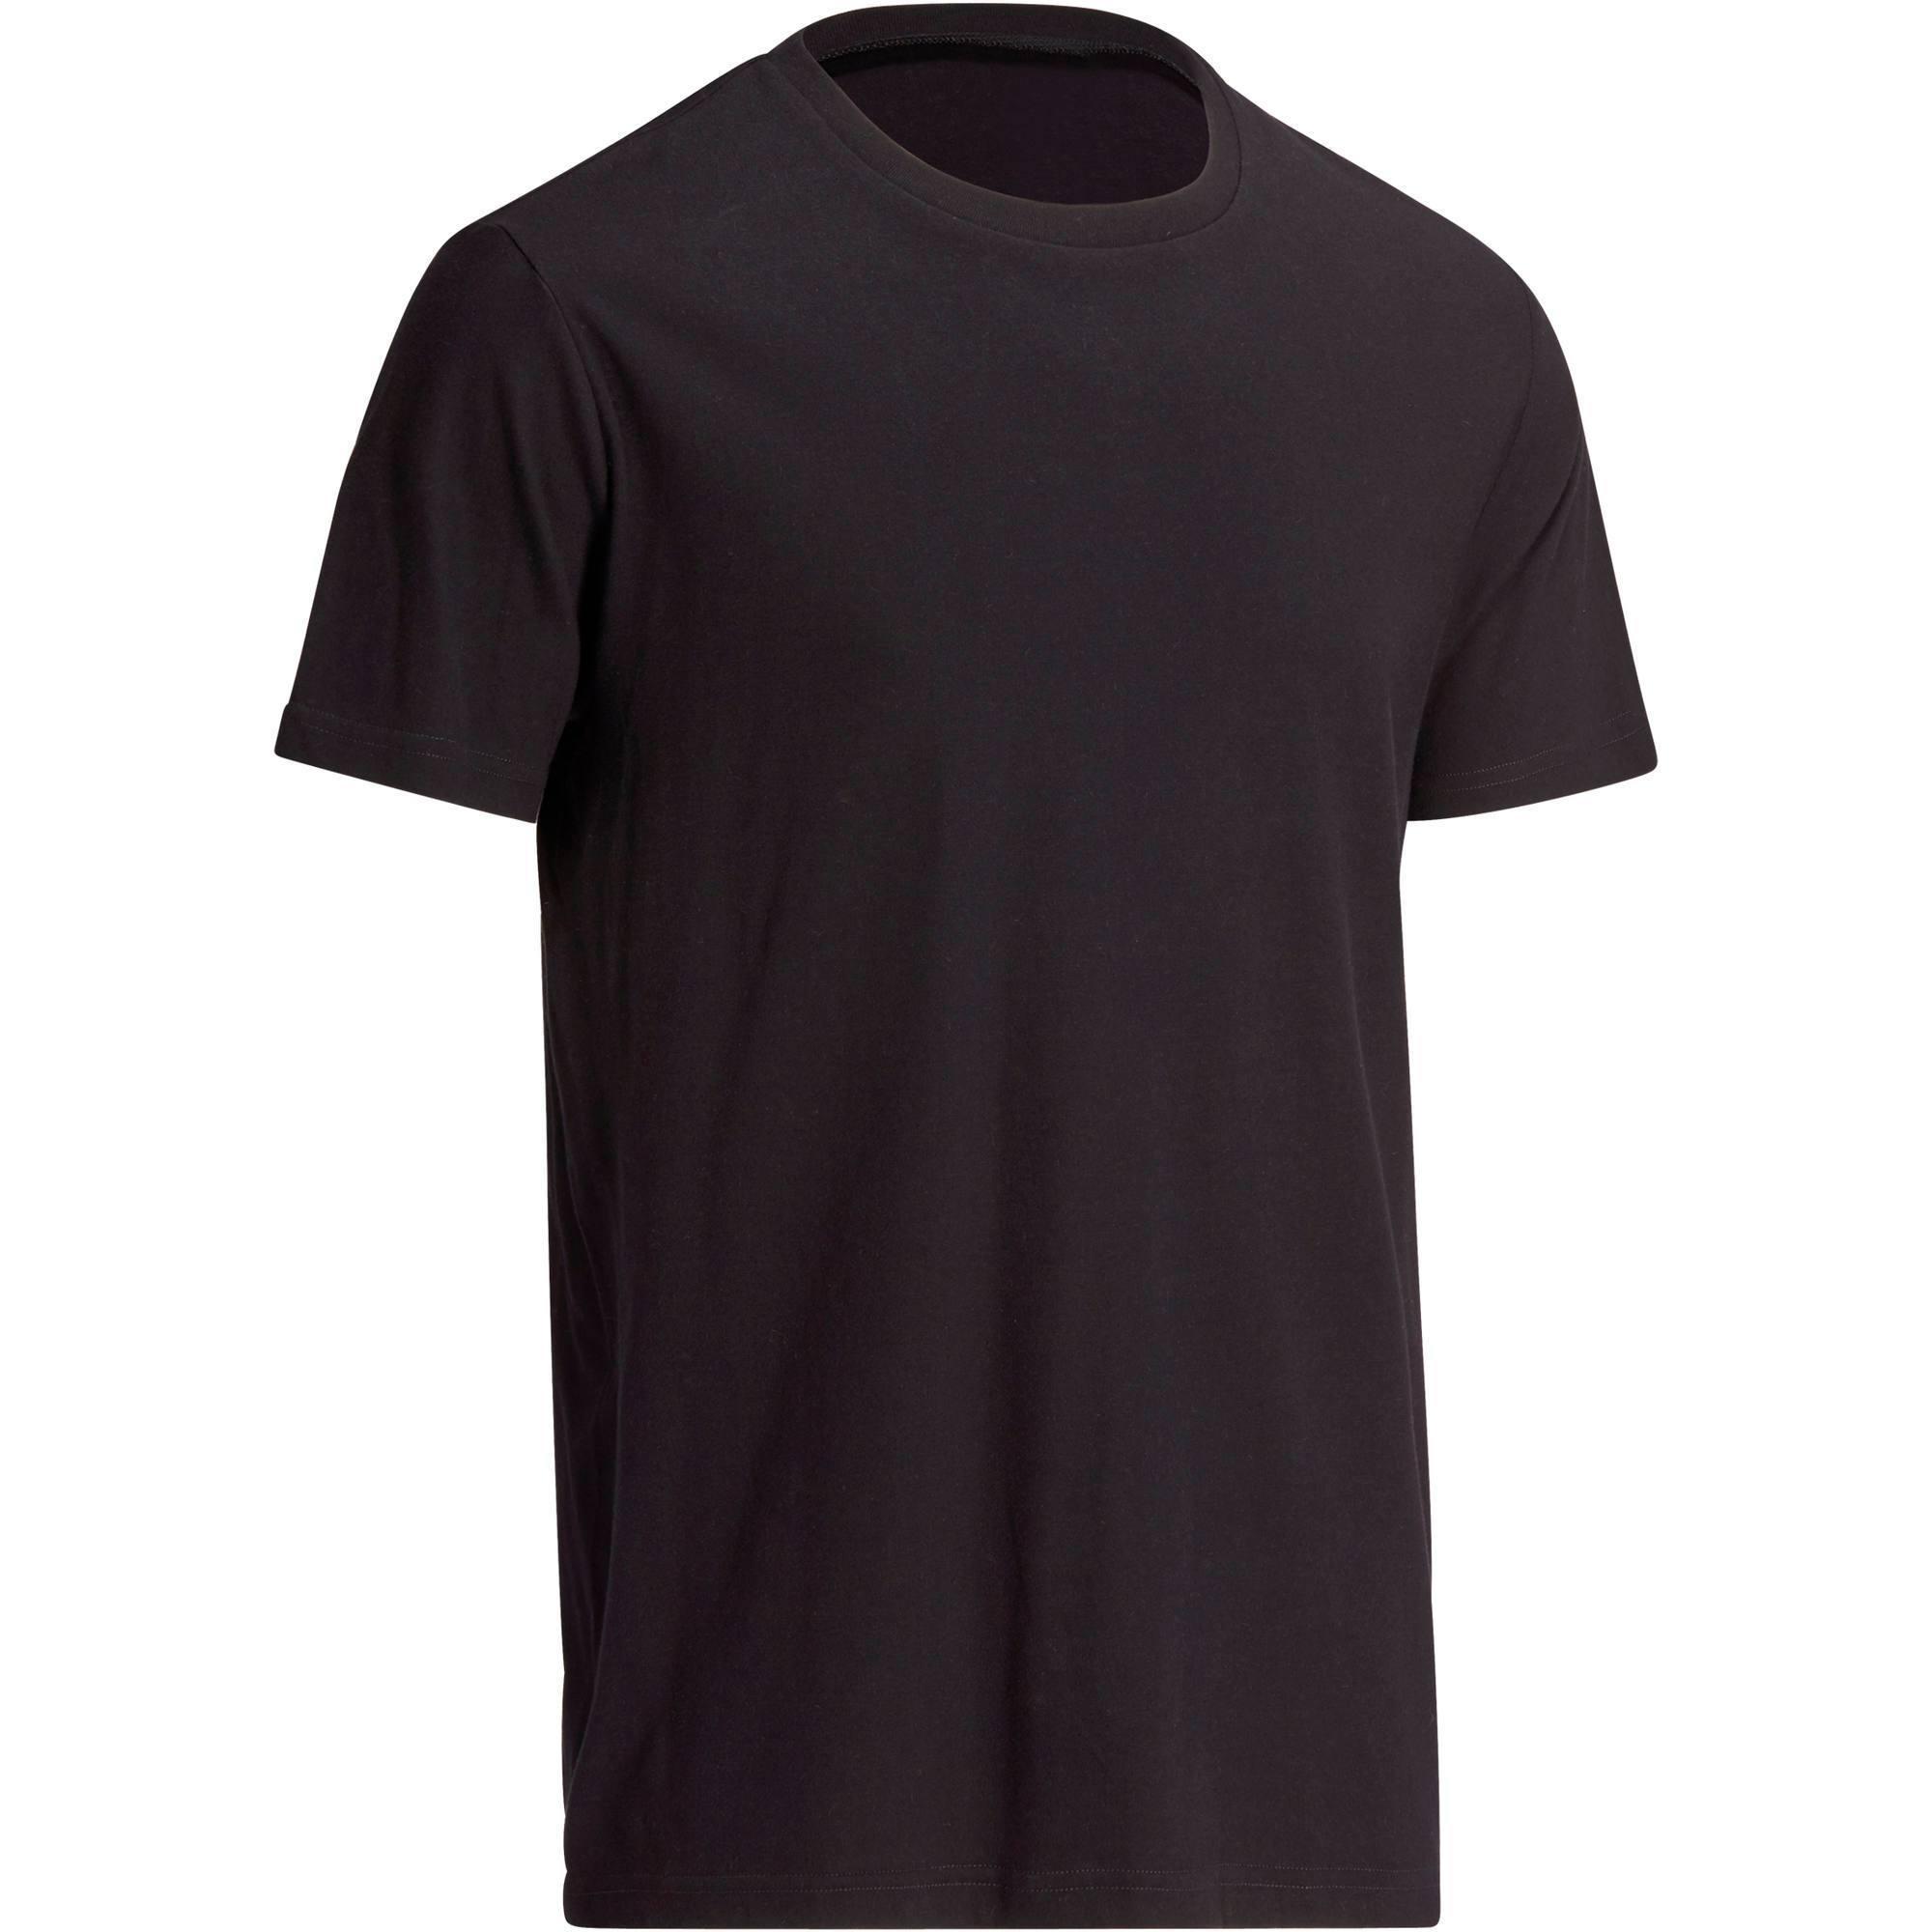 T-Shirt Sportee 100 regular Pilates Gym douce noir homme